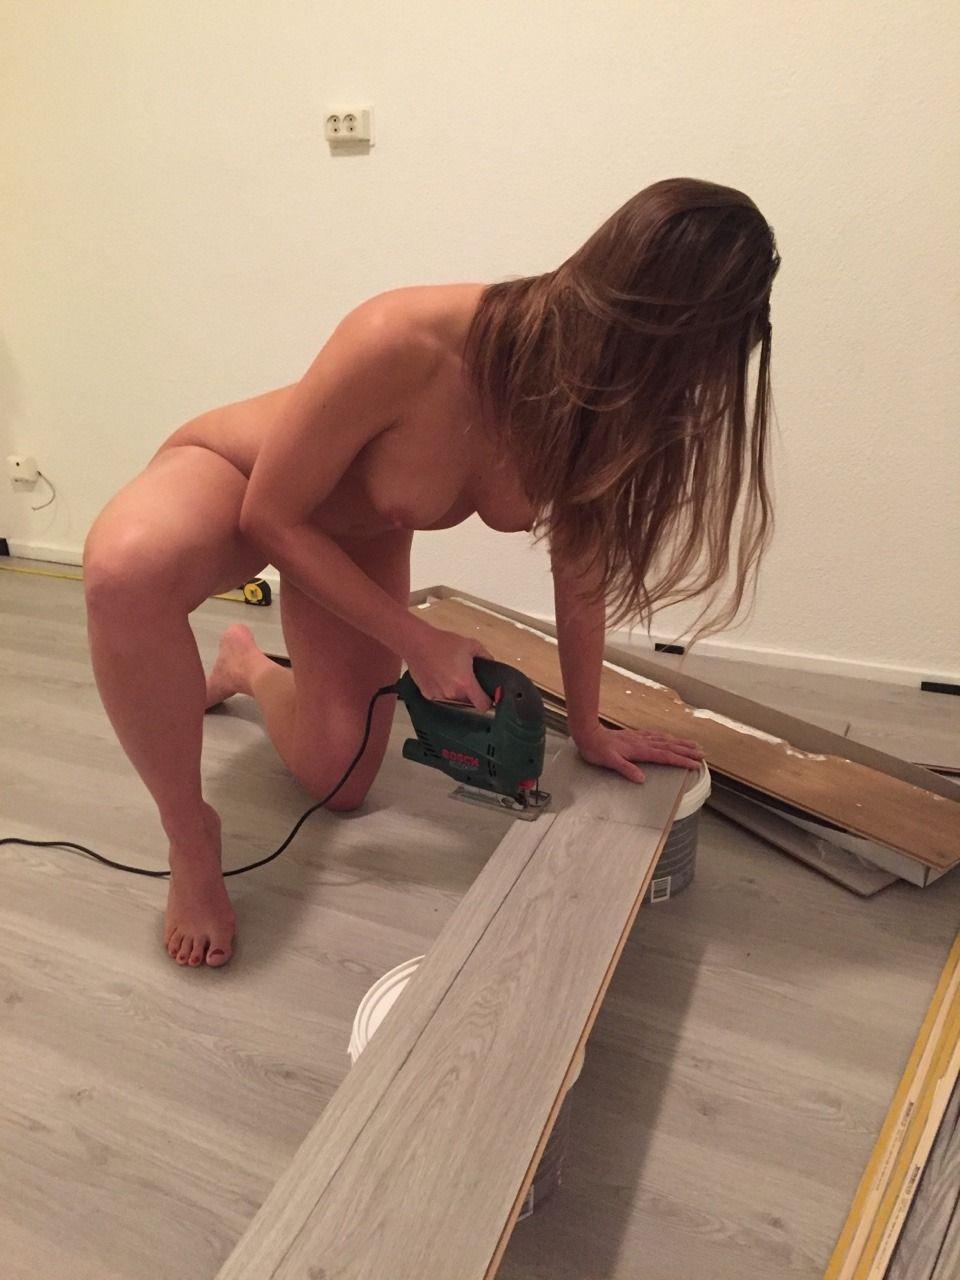 Trabalhadora Gostosa Colocando Piso de Madeira Peladinha